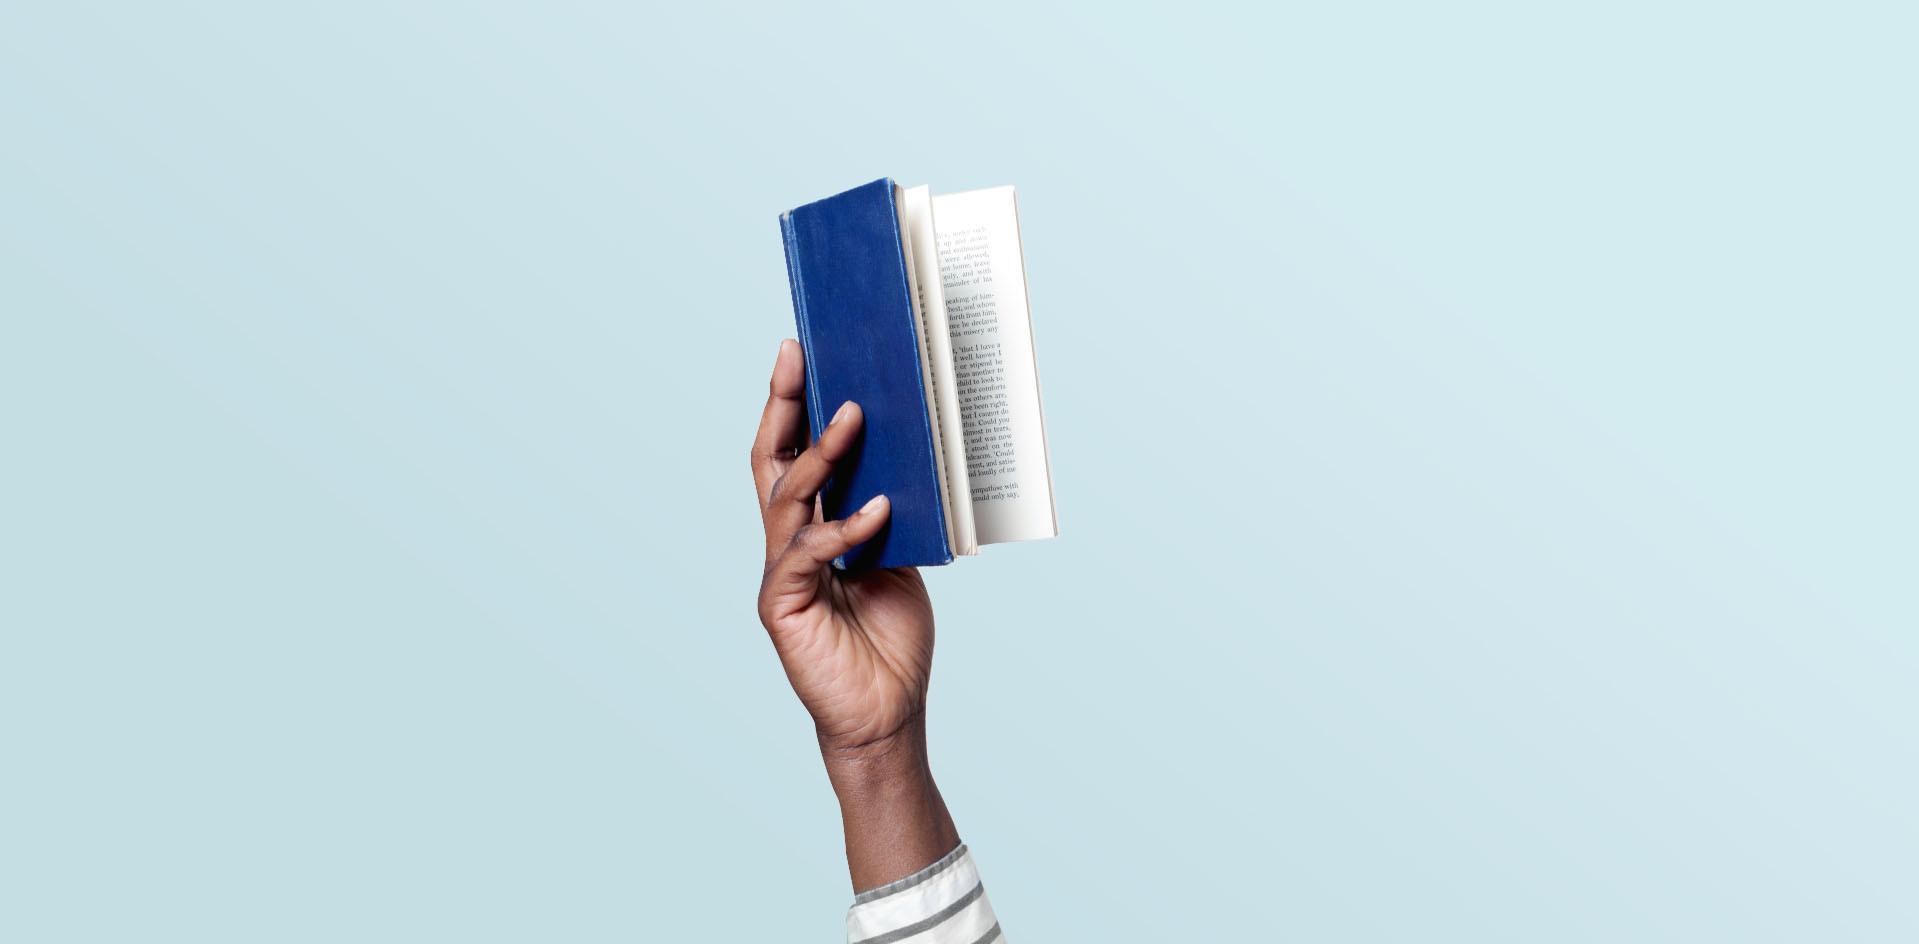 Książki i albumy